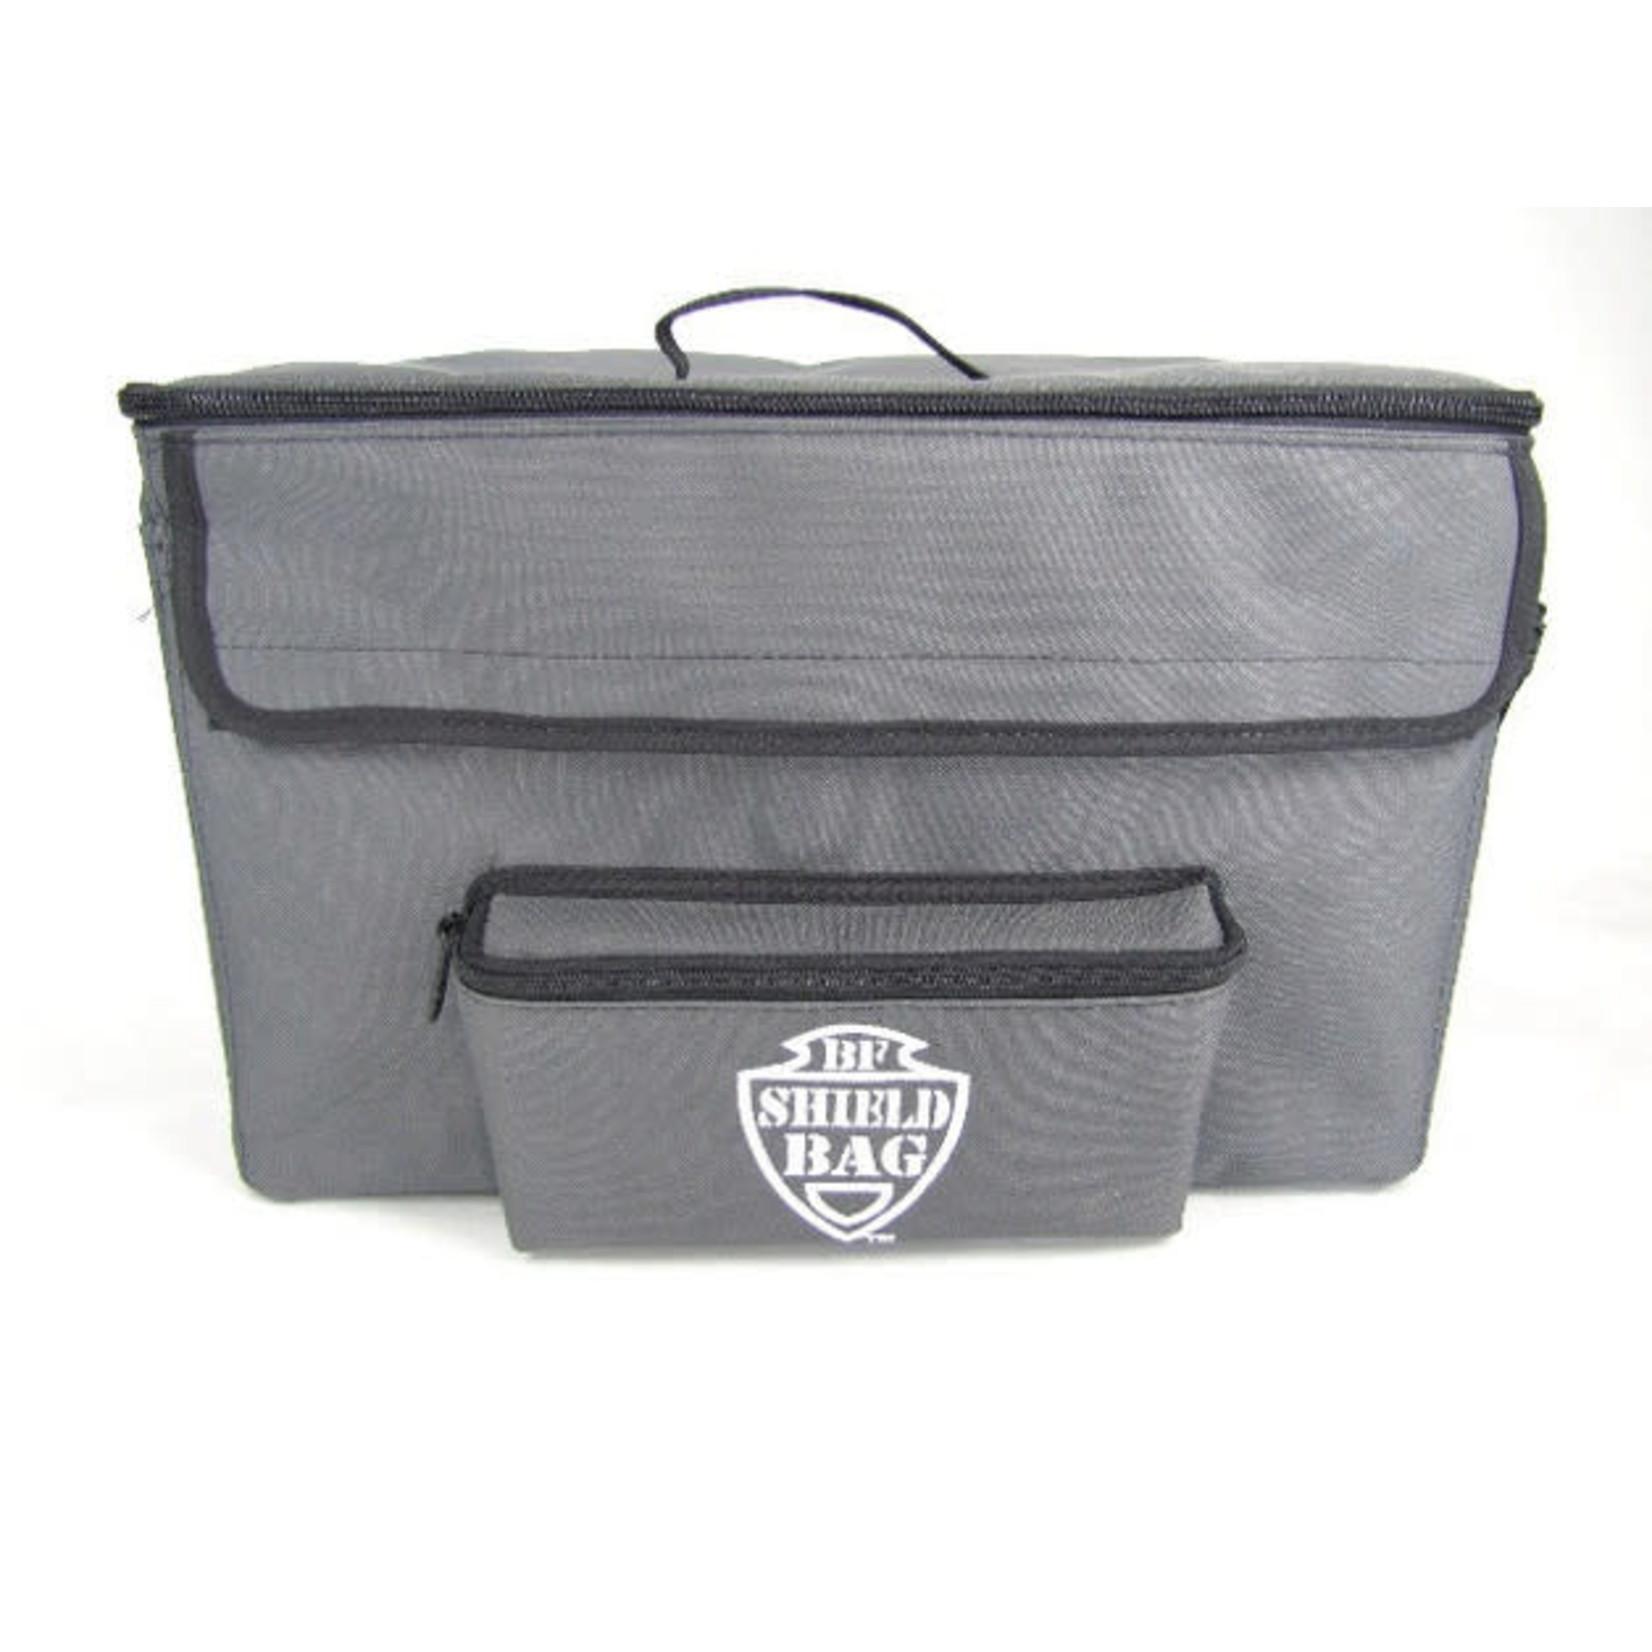 Battle Foam BF Shield Bag Pluck Foam